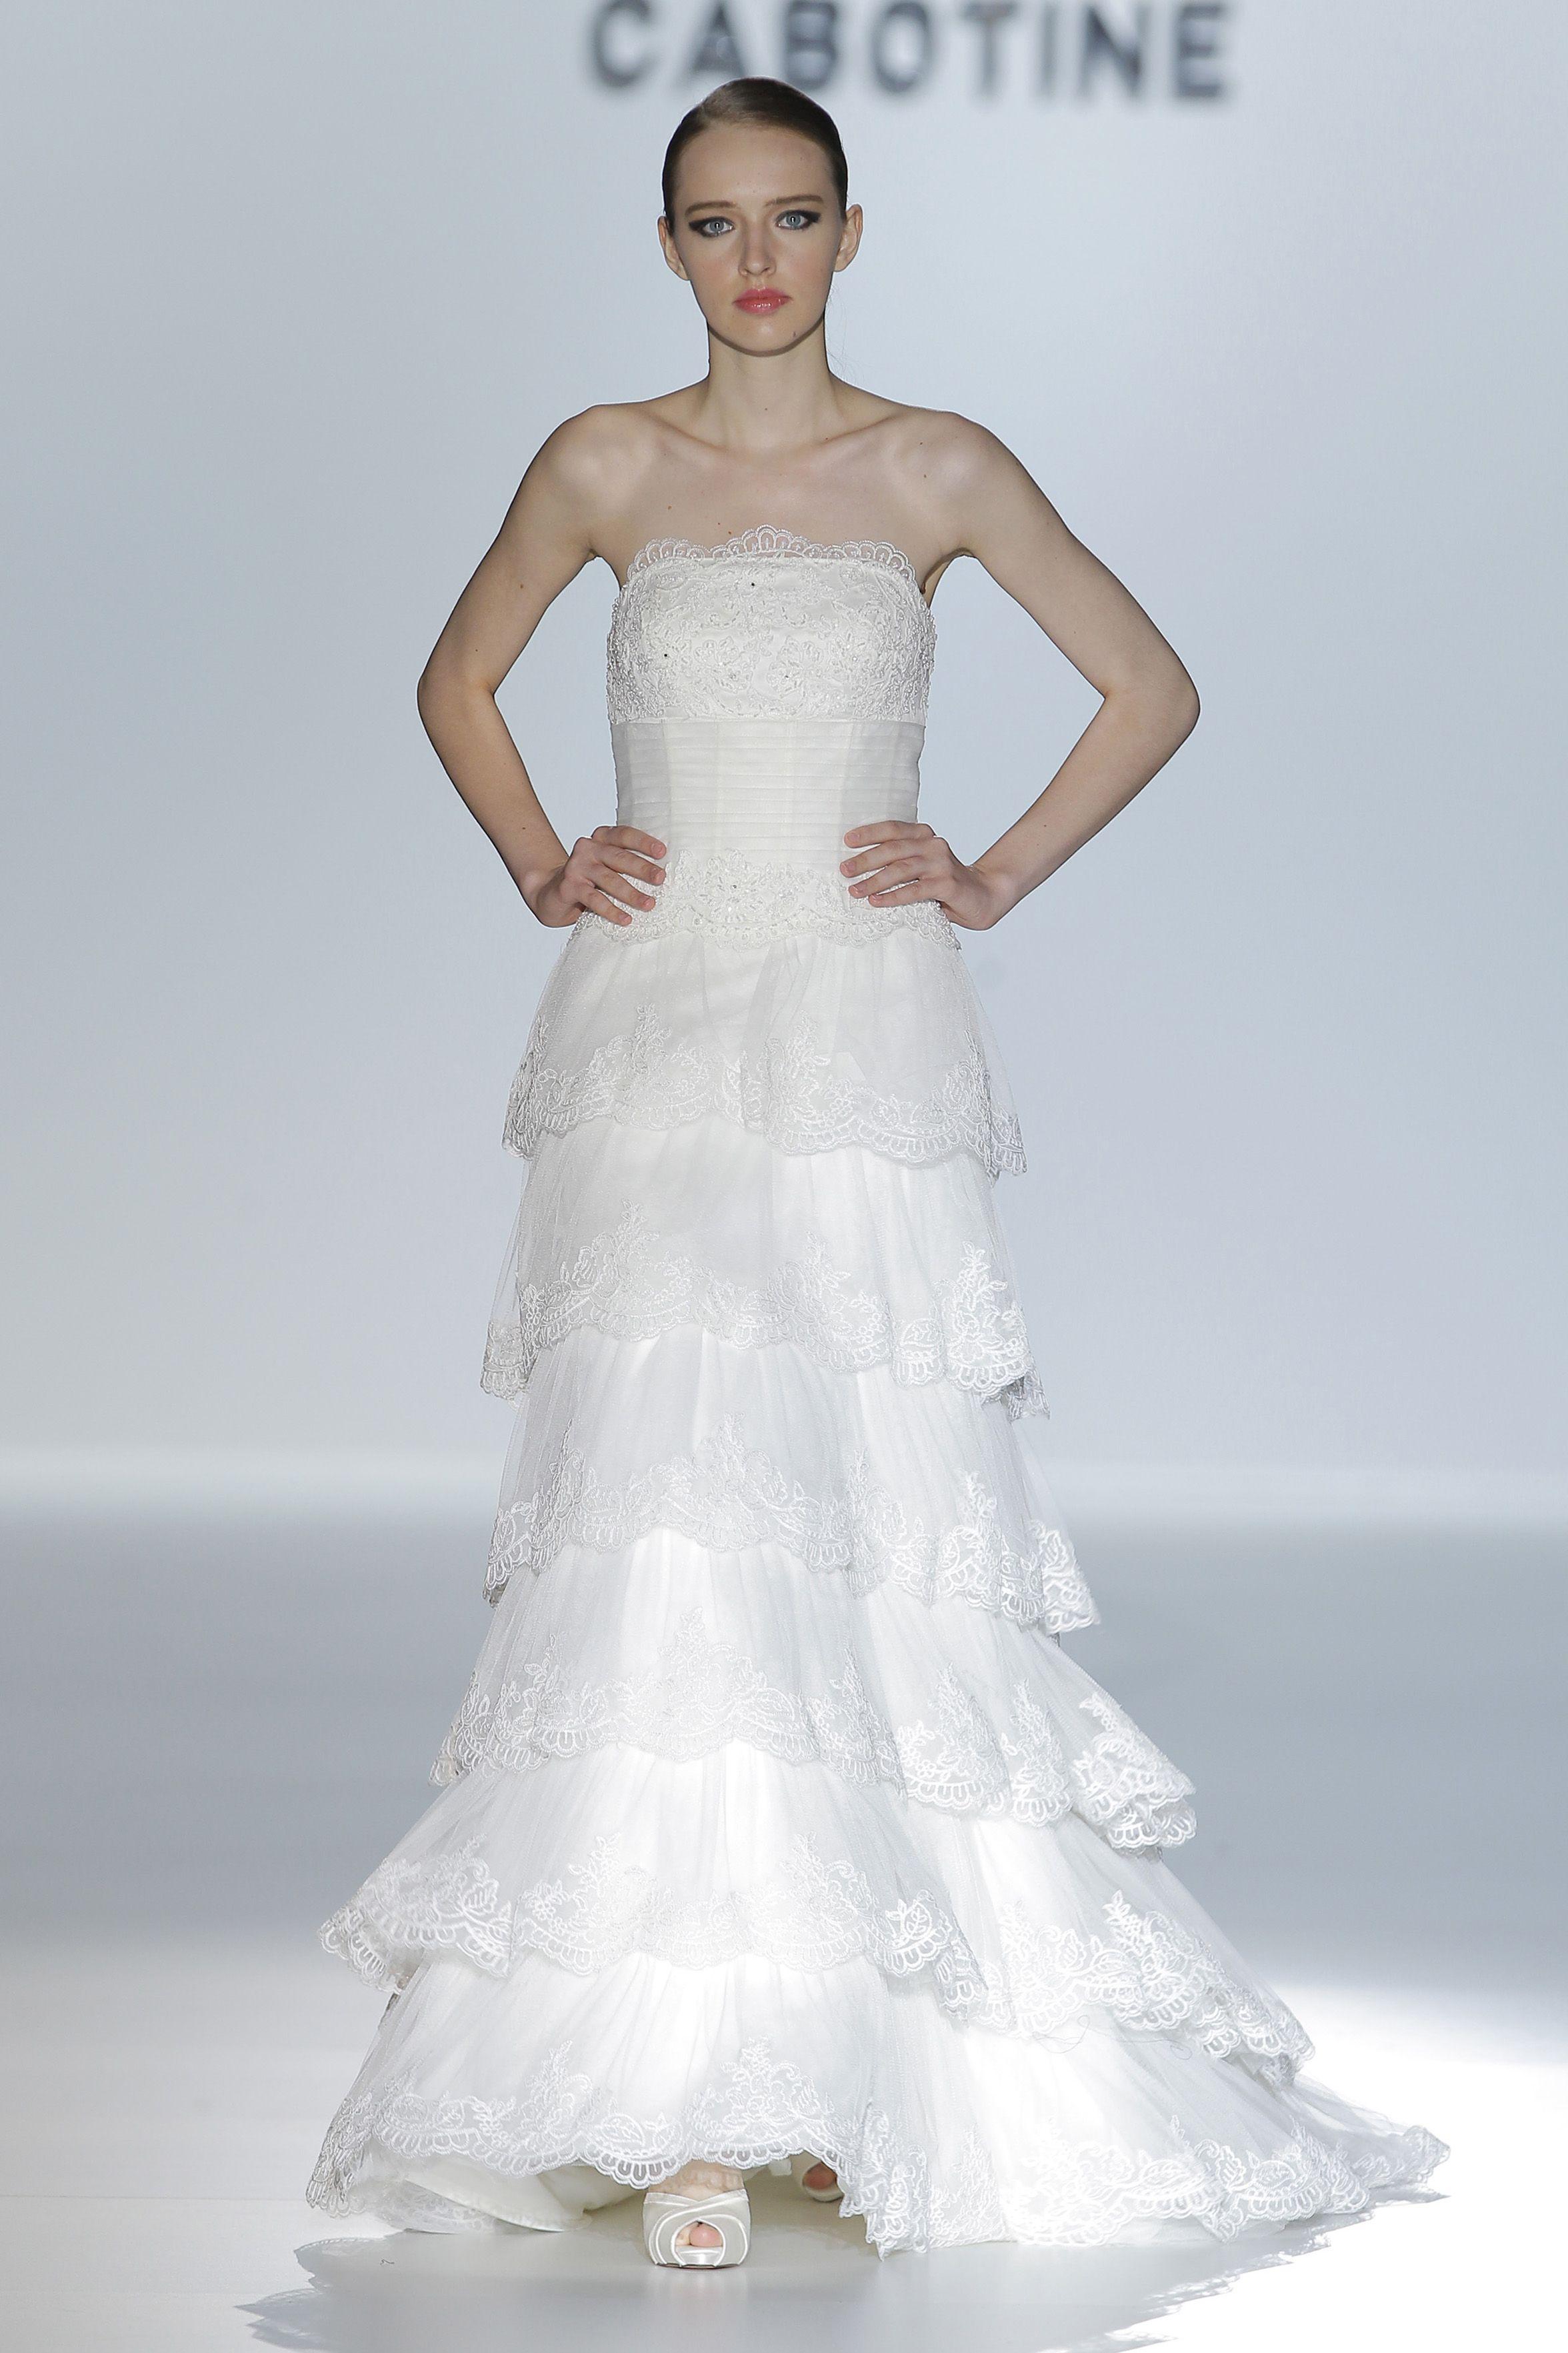 Desfile de Cabotine en Barcelona Bridal Week 2013 | Moda nupcial ...